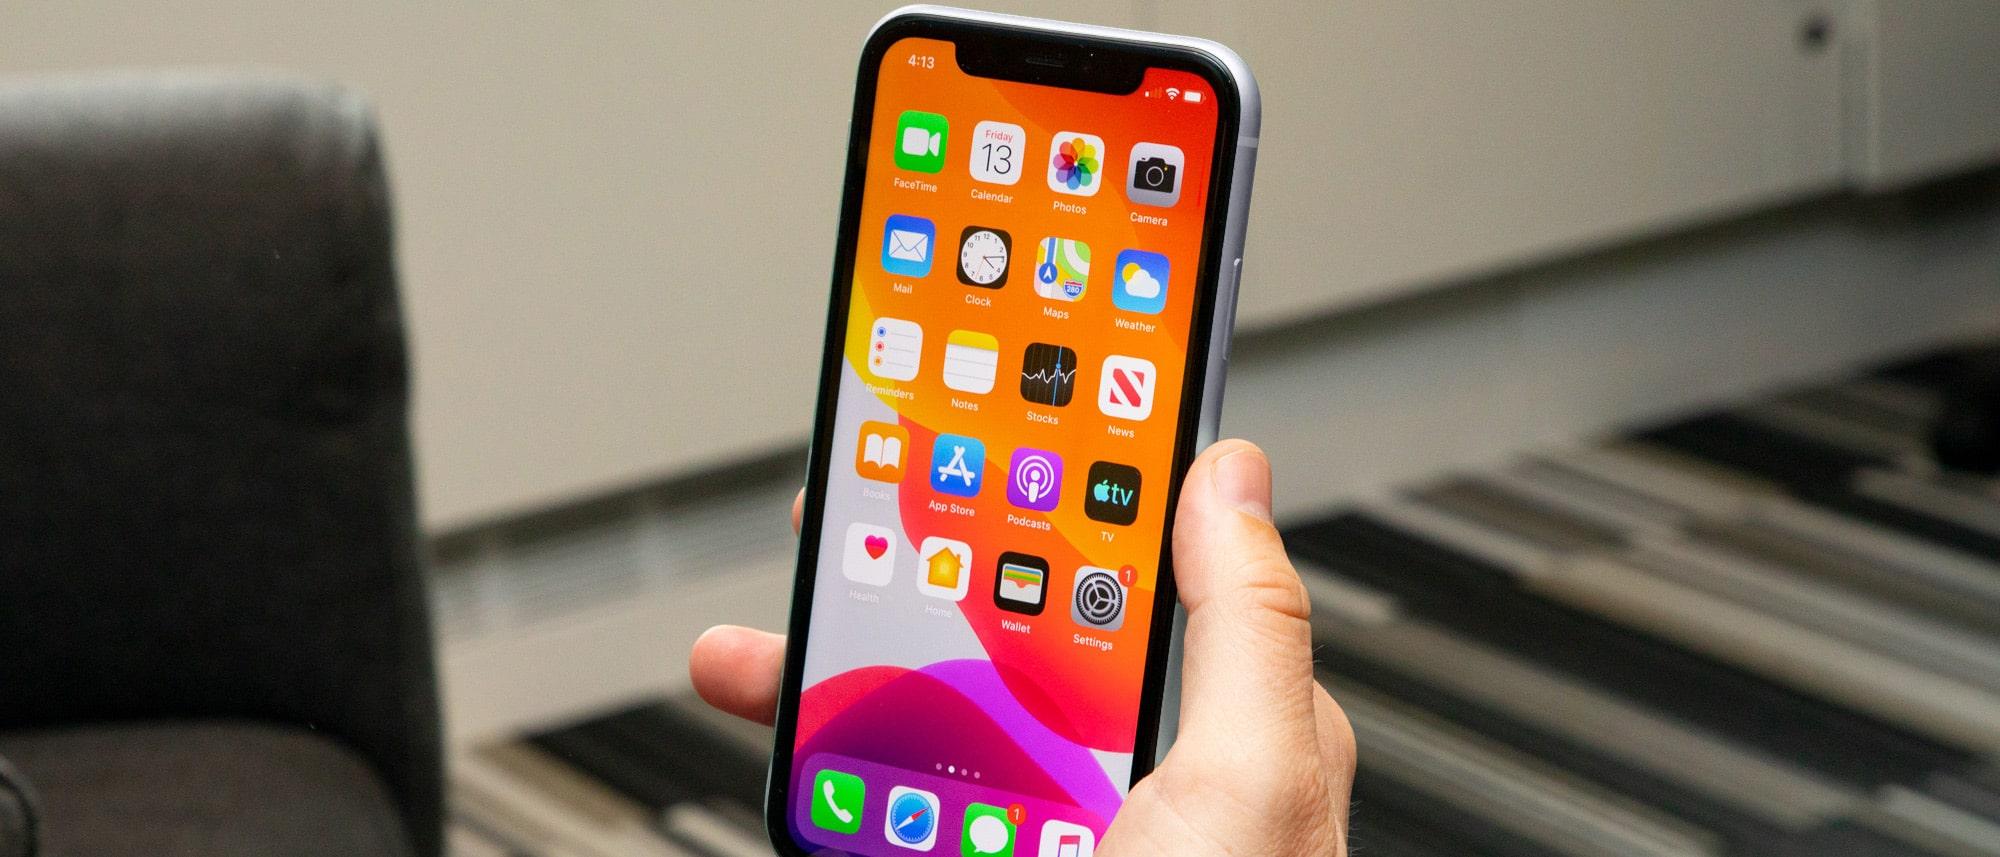 Trung tâm bảo hành iphone Hà Nội ( 7 )